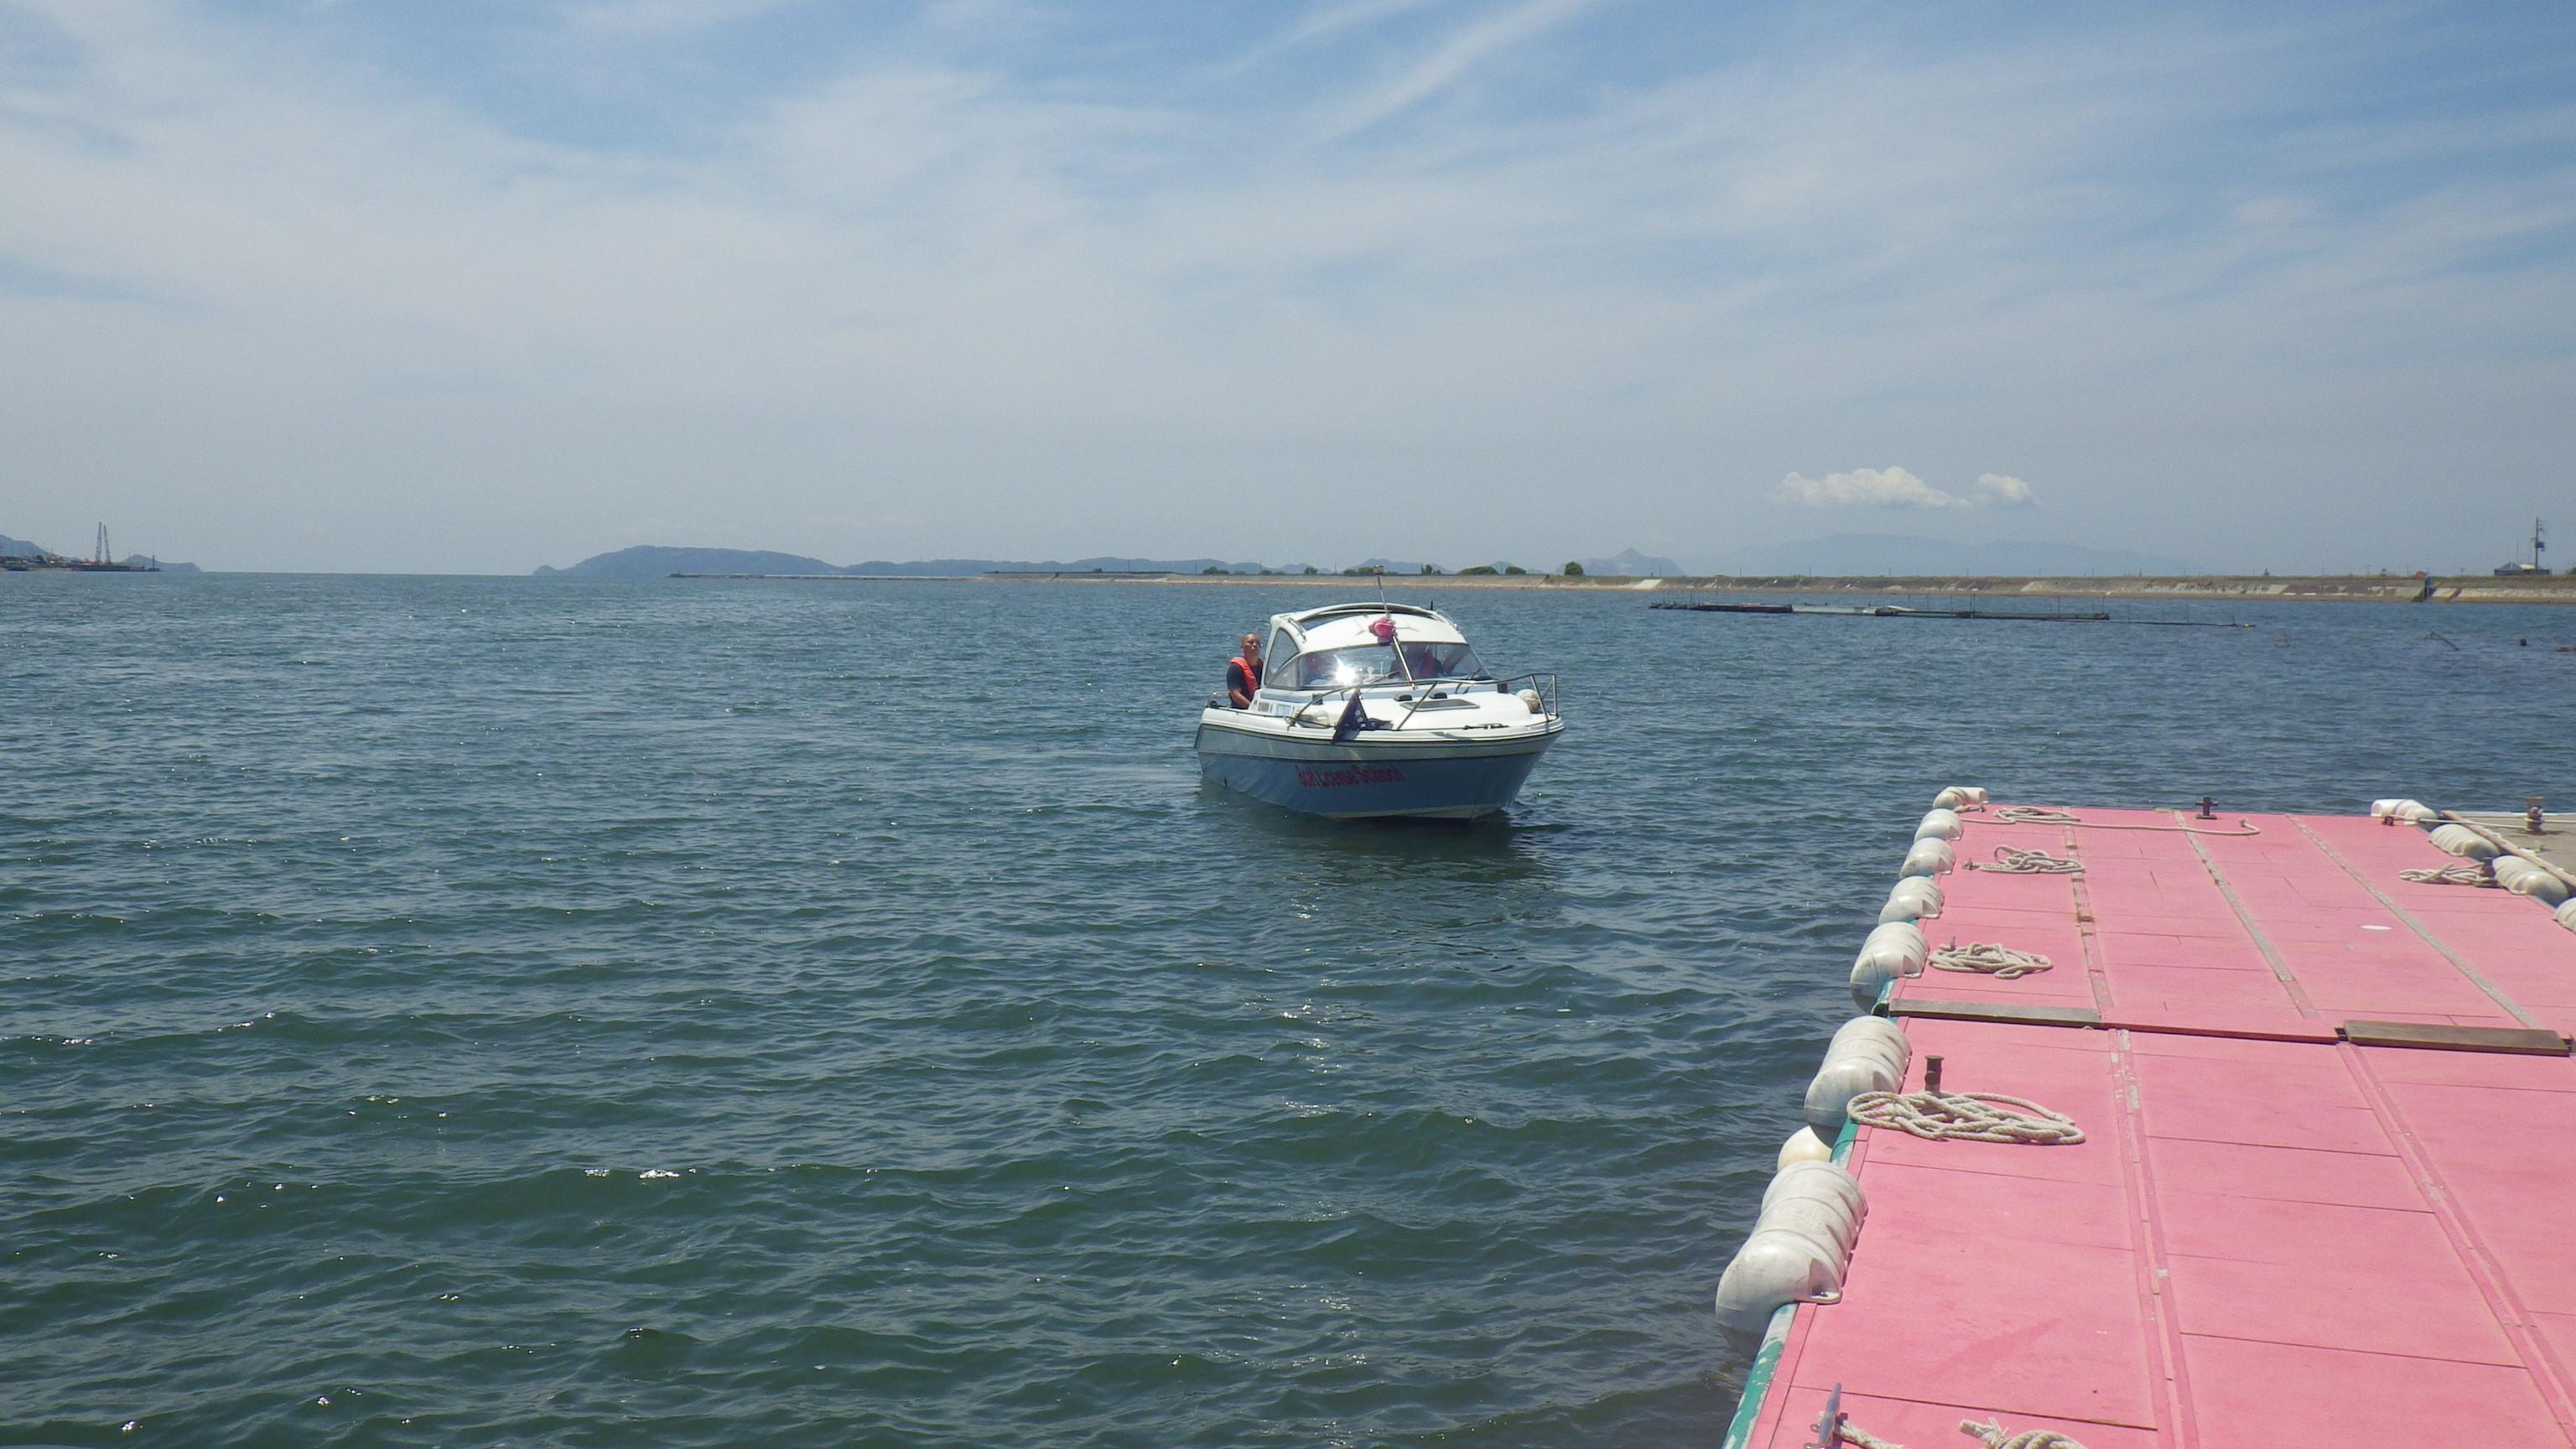 着岸は、車で言う「駐車」。船を桟橋にぶつけないよう、慎重に接近します